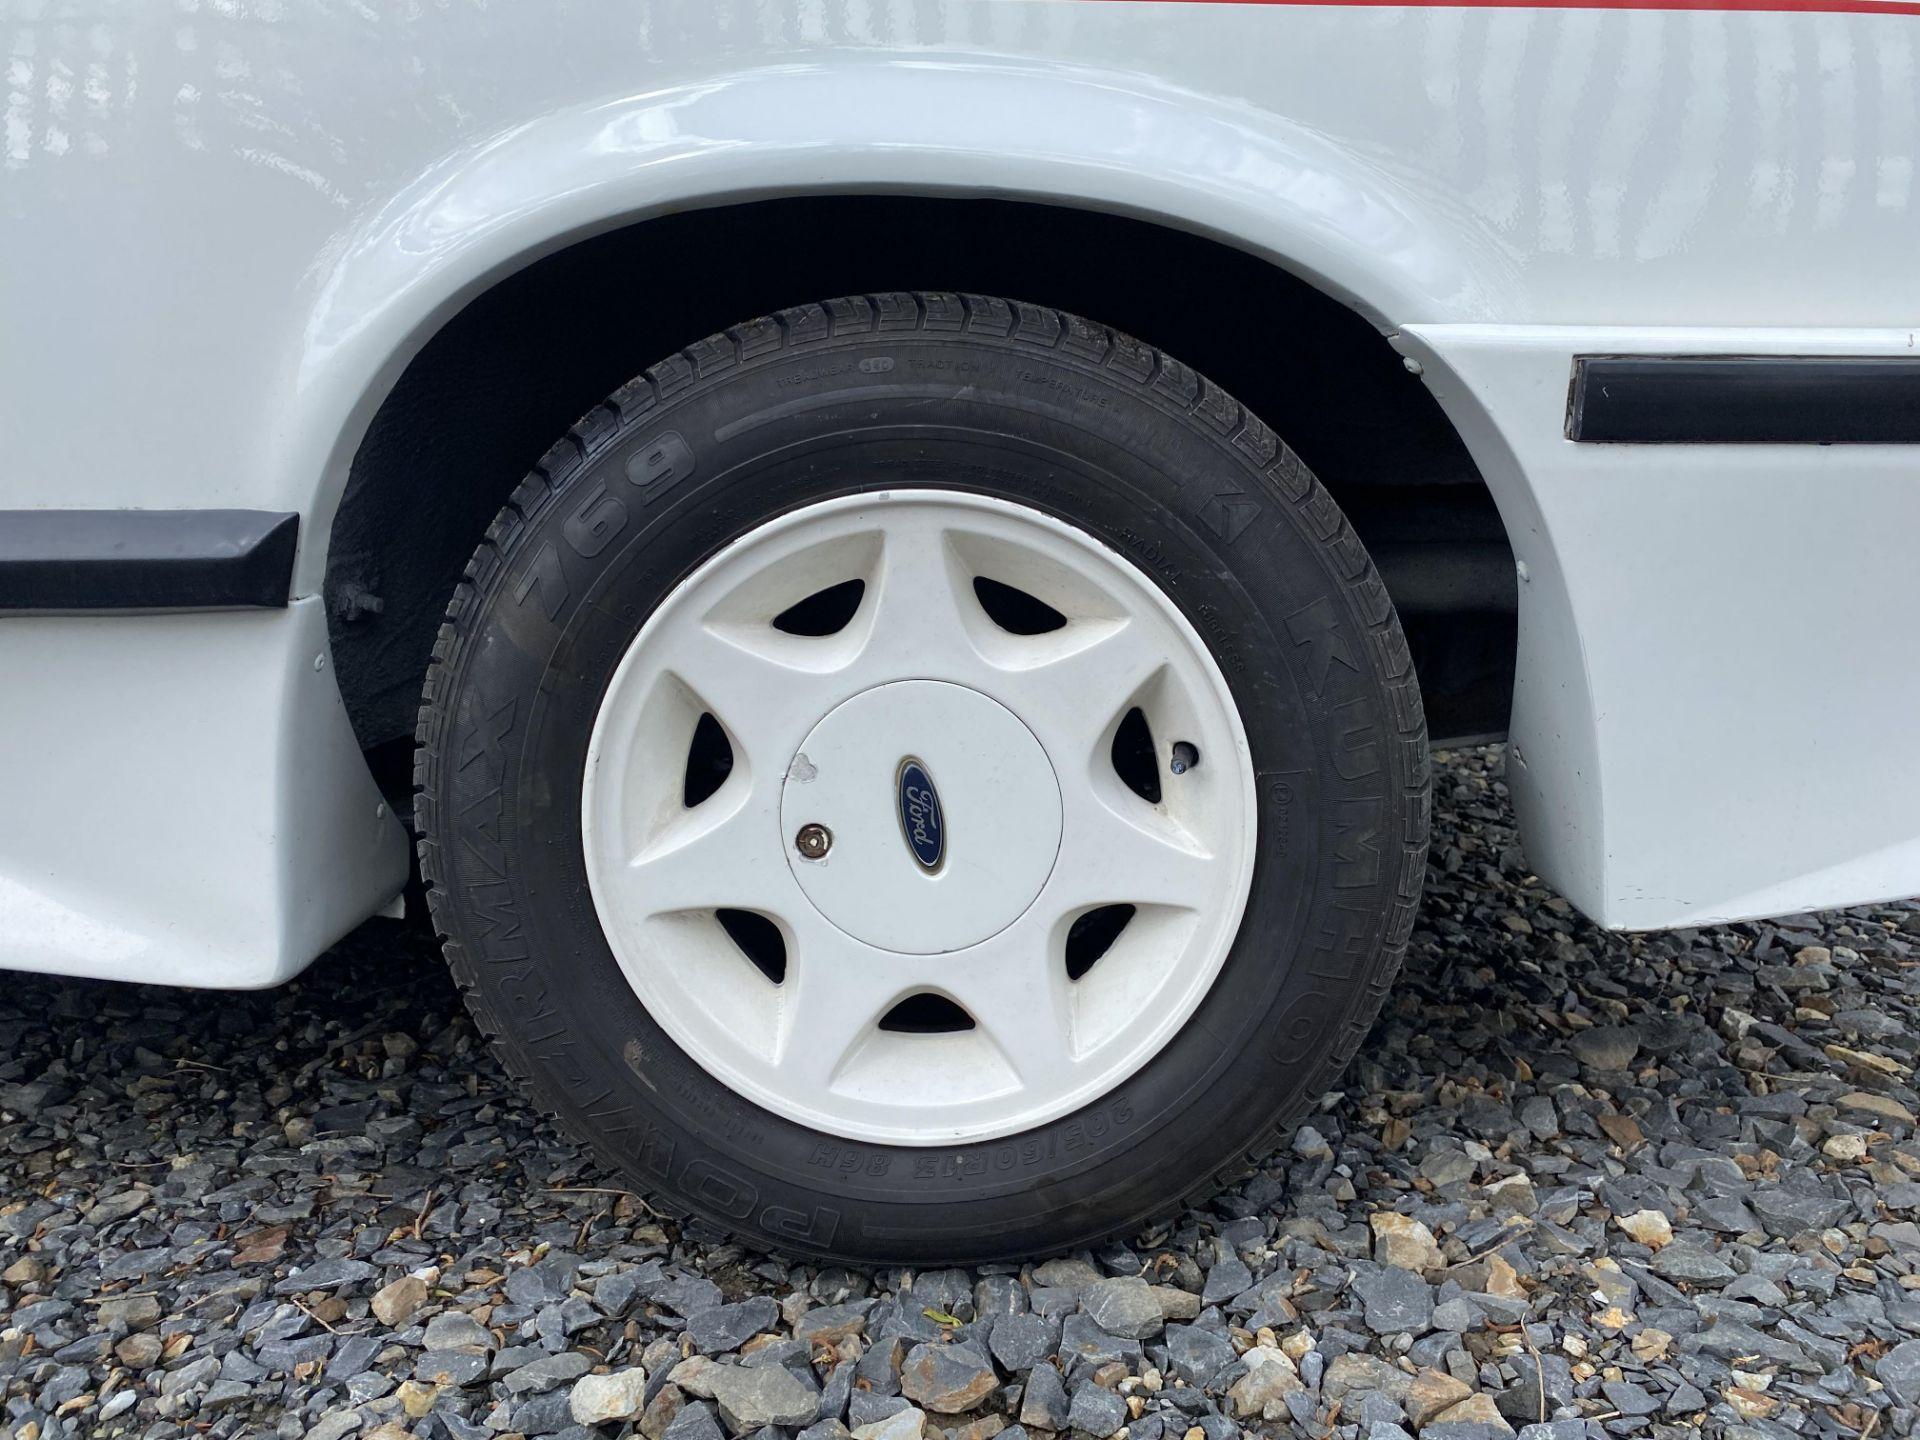 Ford Capri Tickford Turbo - Image 37 of 62